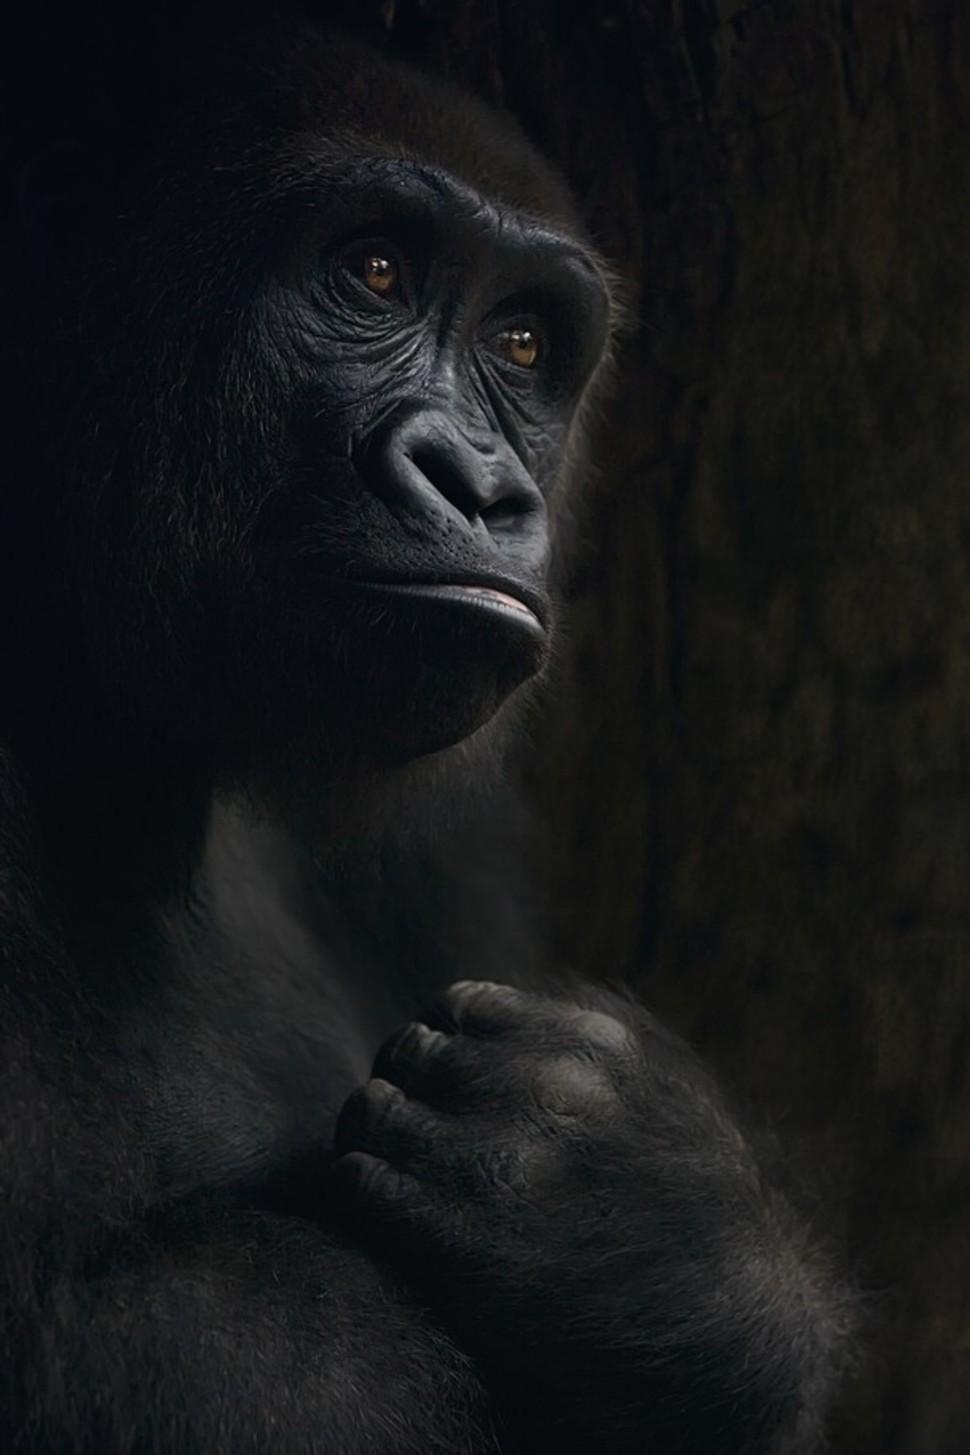 Candidatas a melhores fotografias da National Geographic durante 2014 59